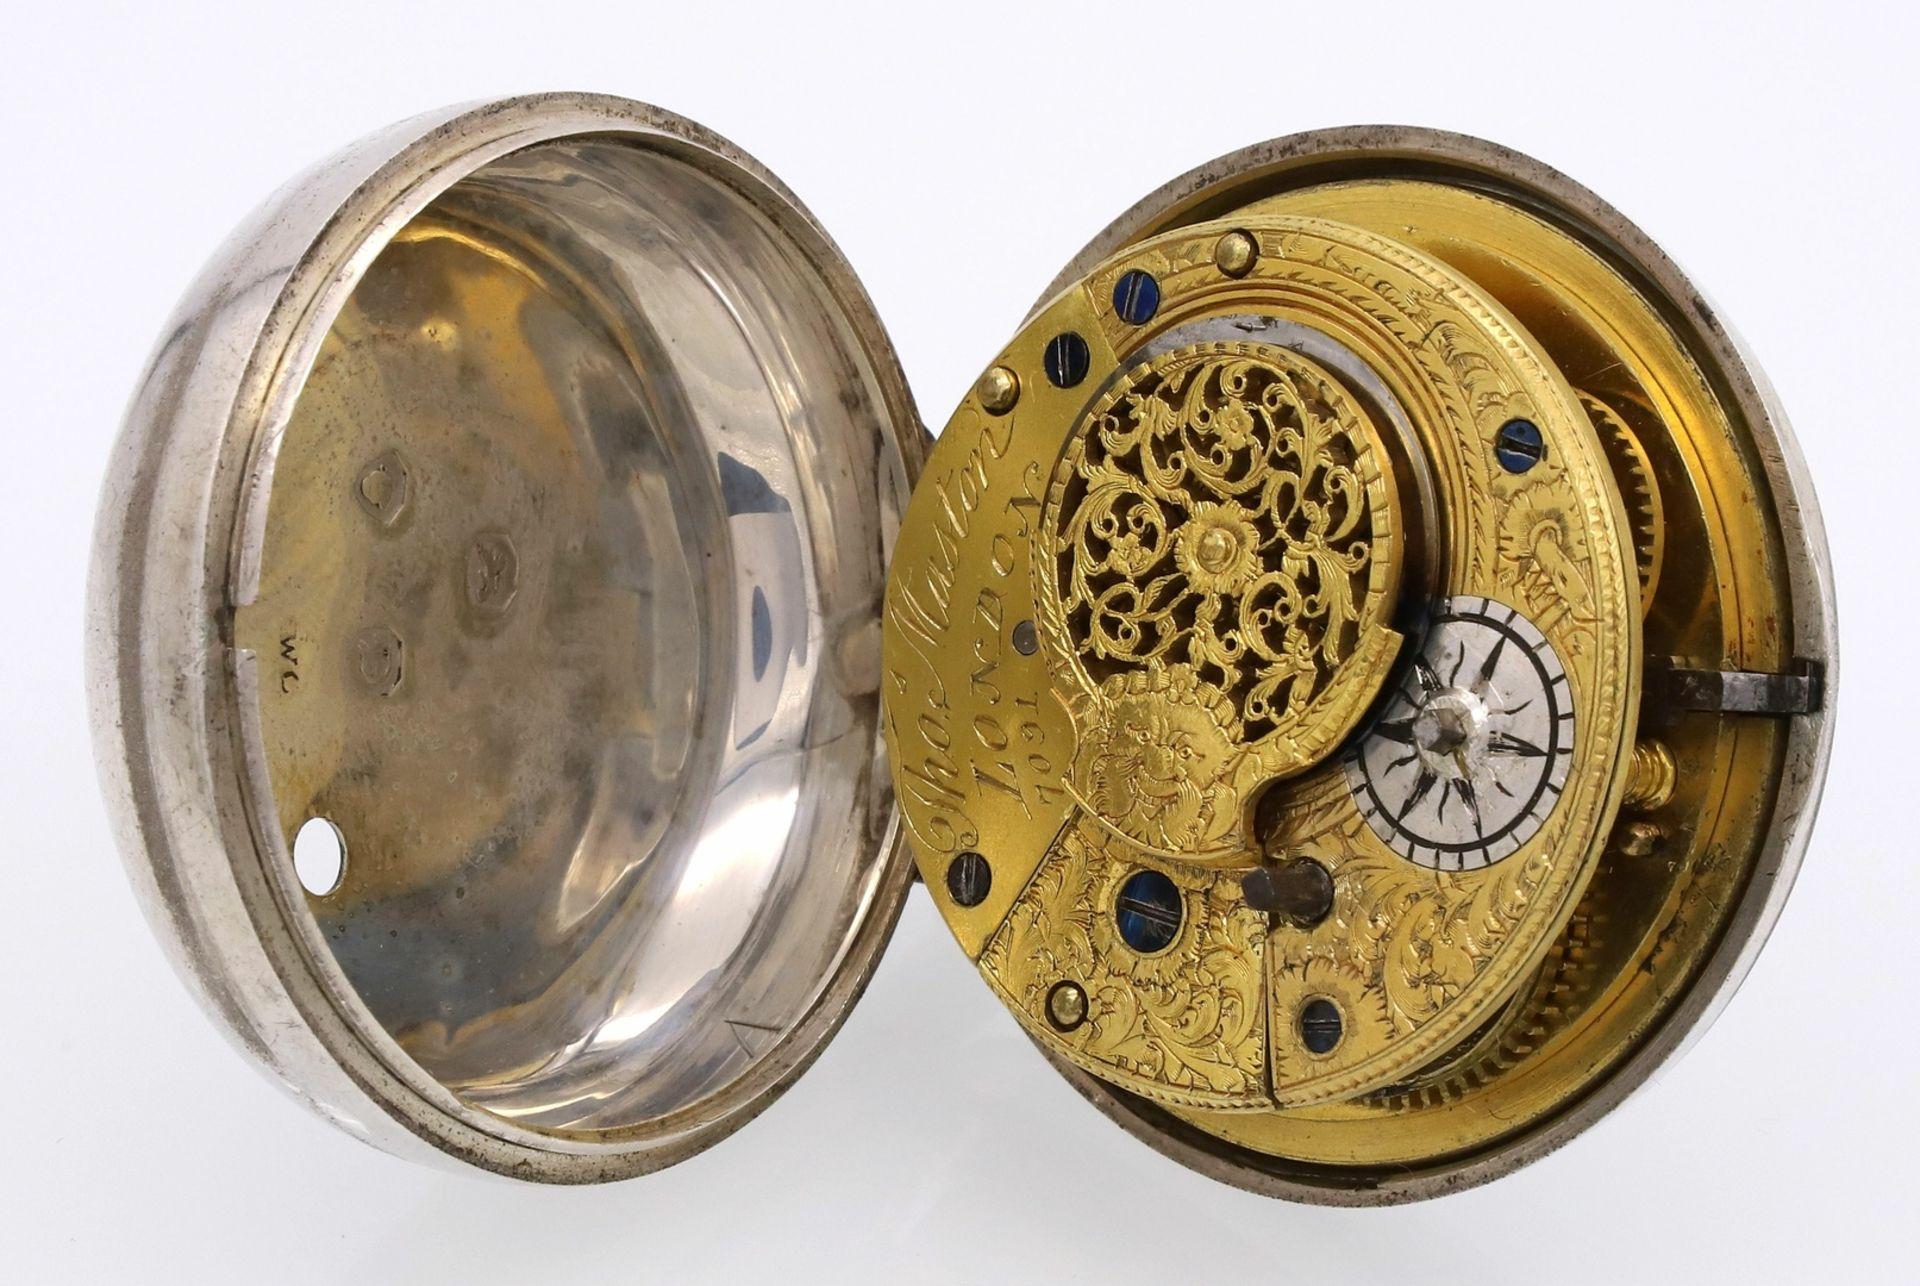 Thomas Maston, London Englische Spindeltaschenuhr, von 1839 - Bild 4 aus 6